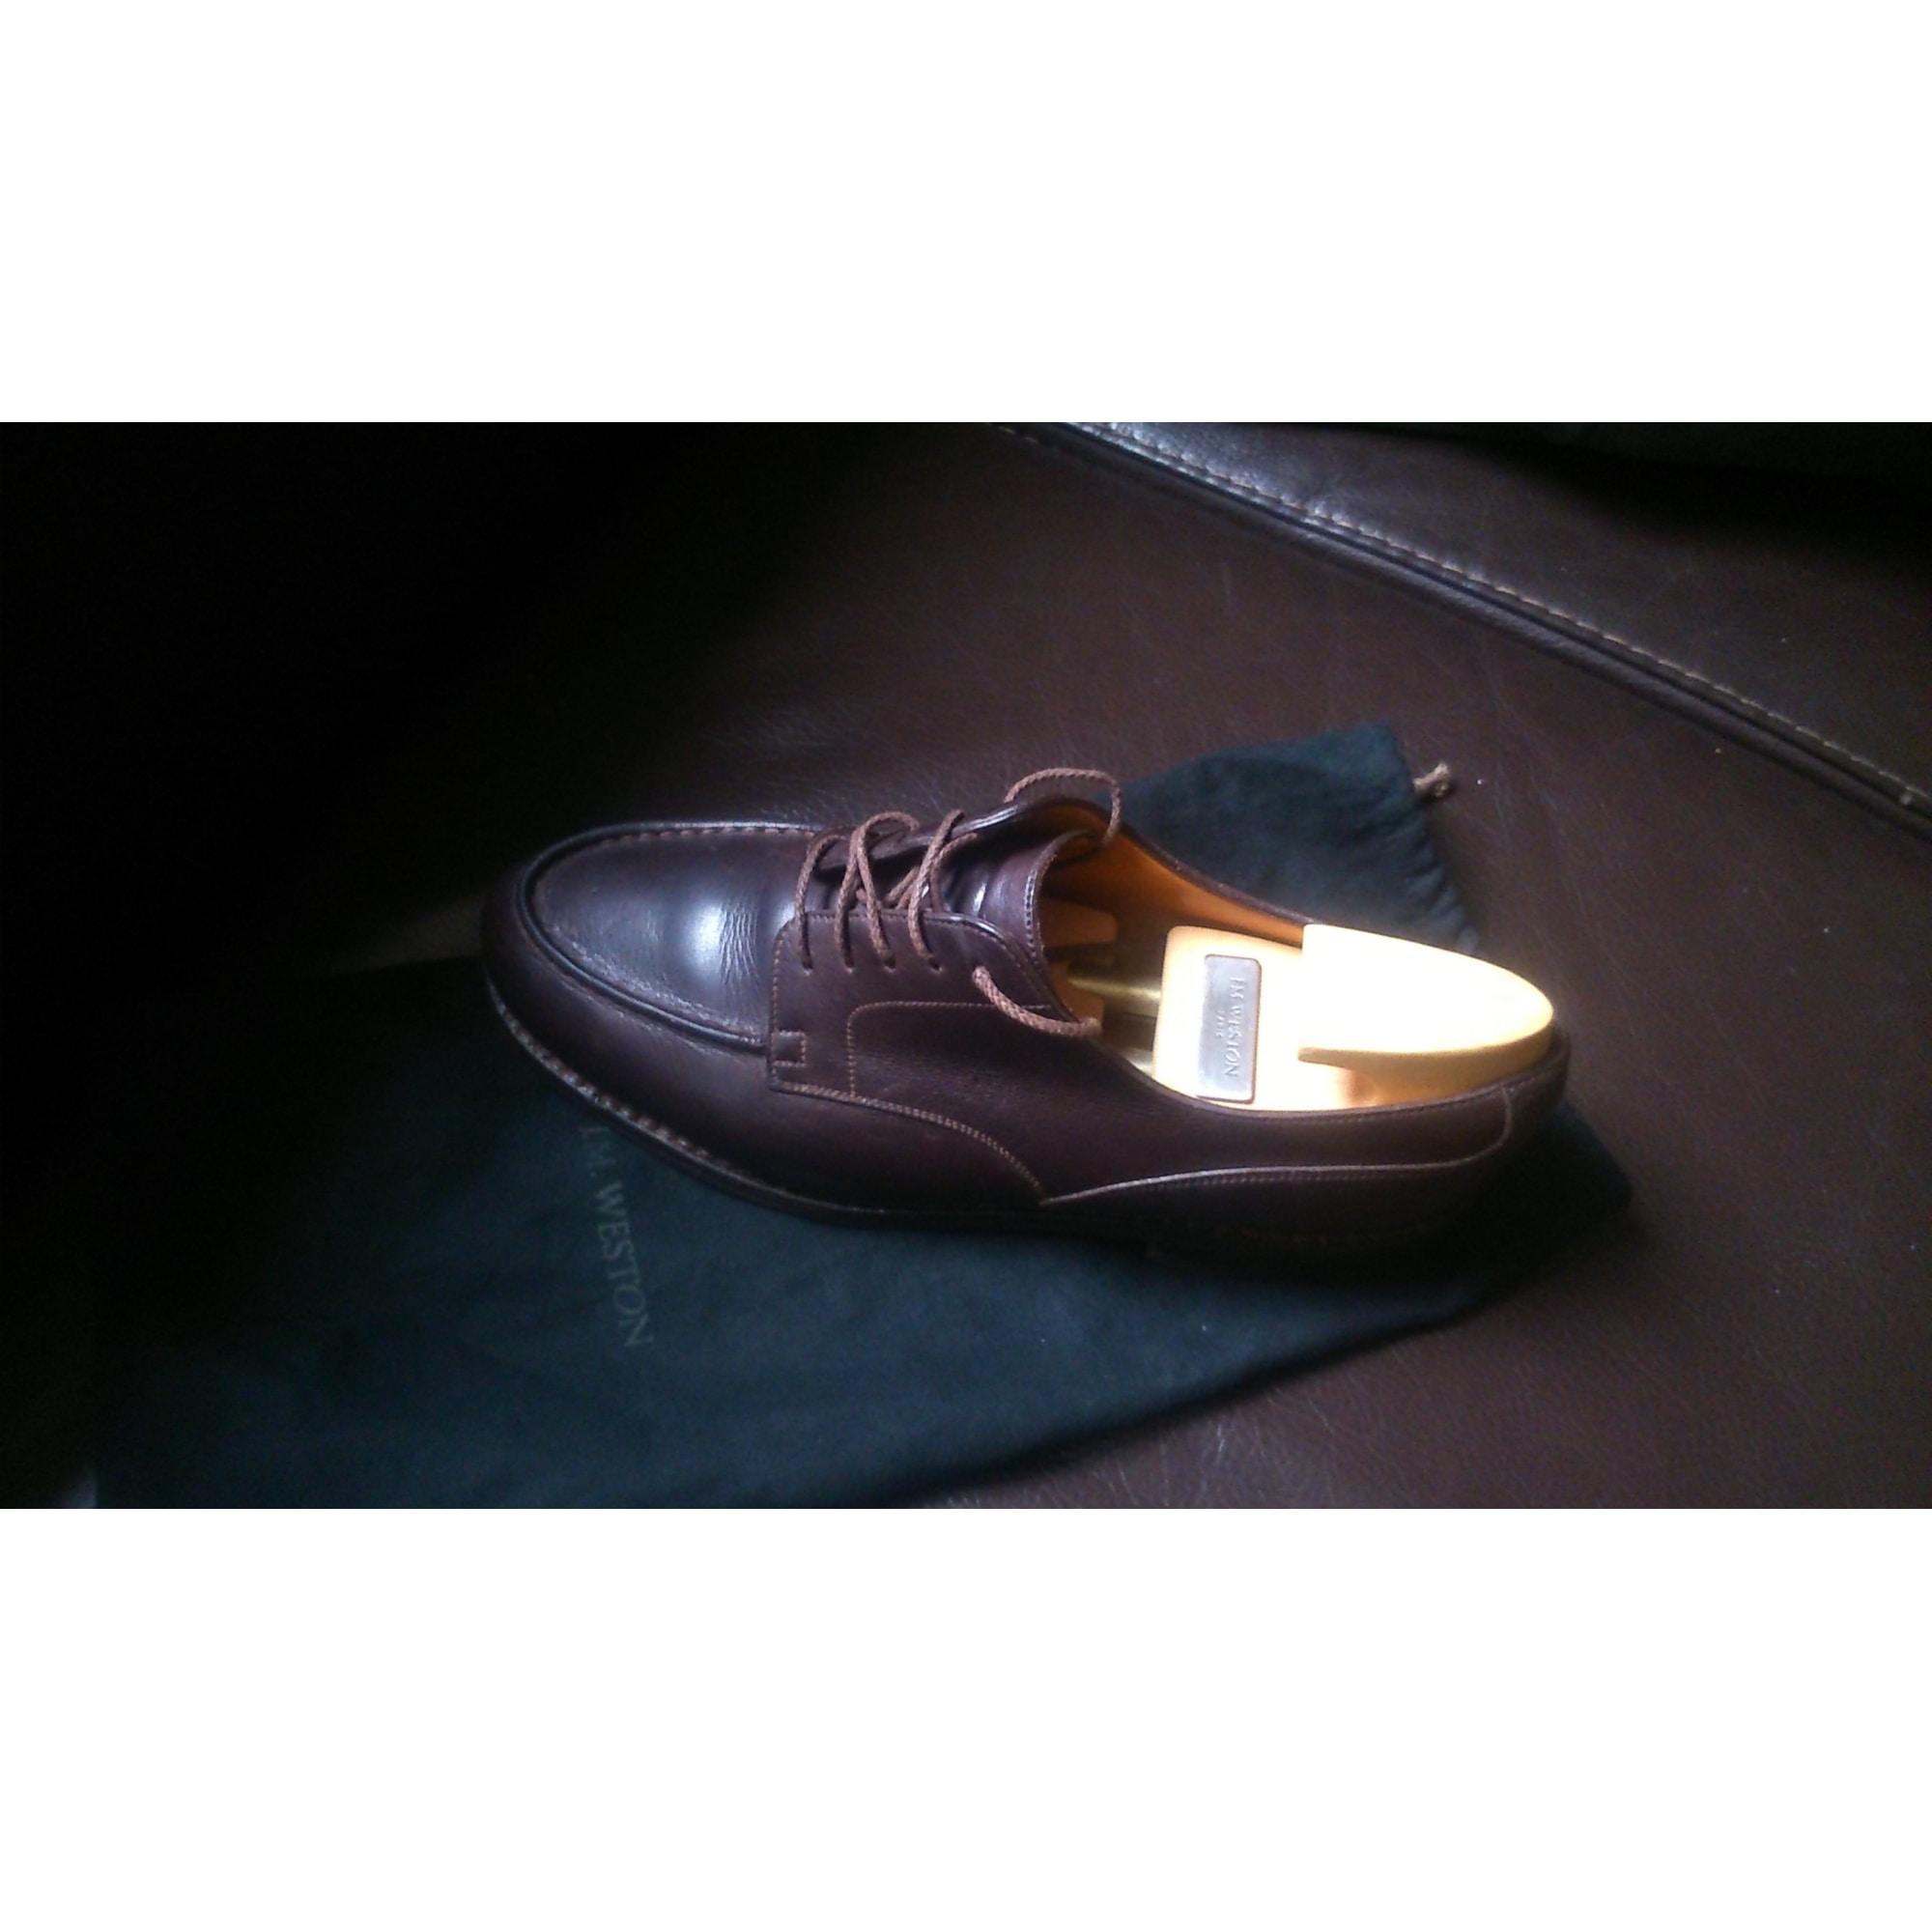 b224daf423 Chaussures à lacets J.M. WESTON 40 marron - 7453406